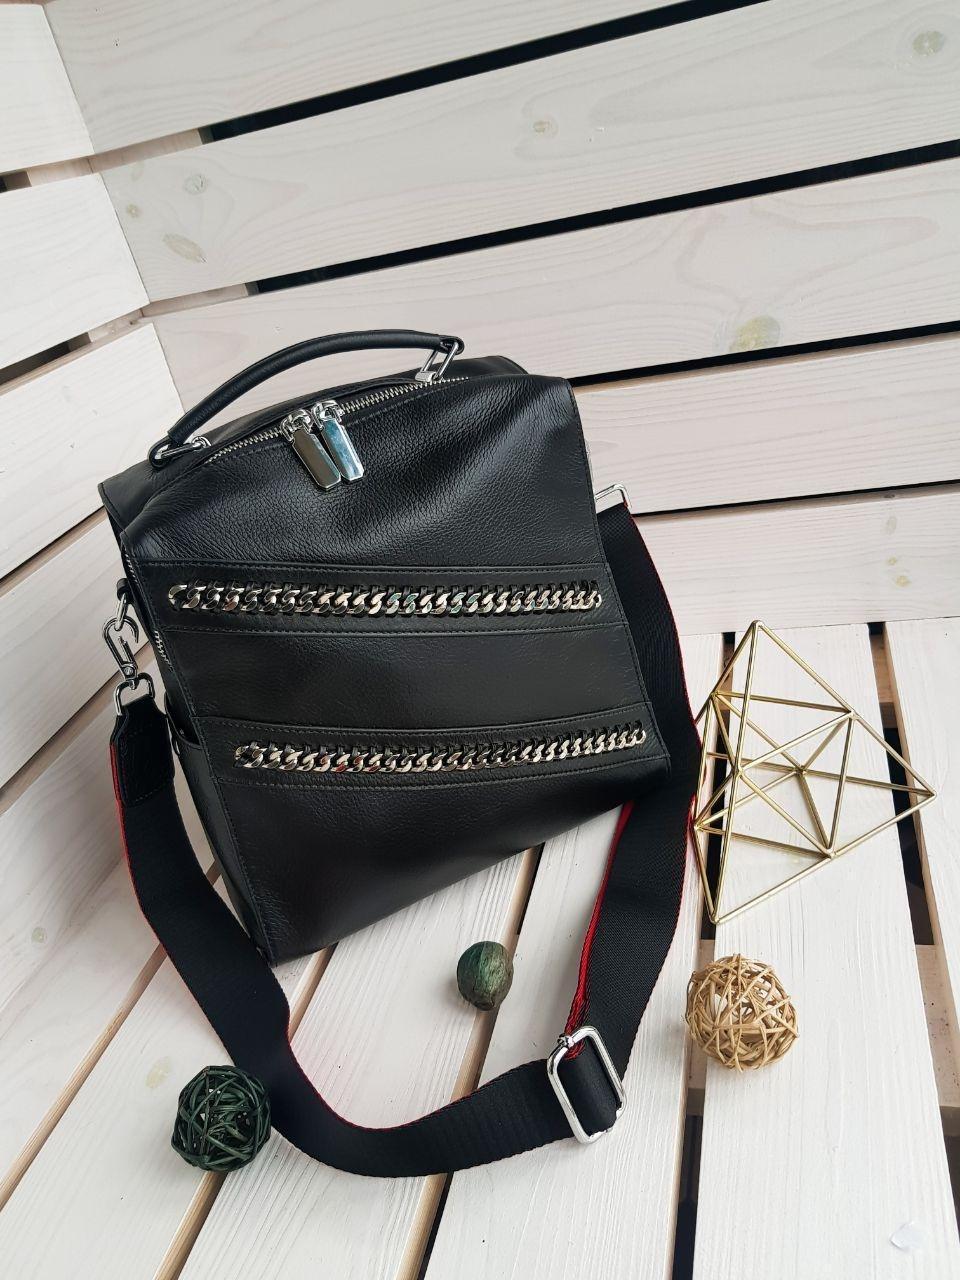 Кожаная женская сумка-рюкзак размером 25х30 см Черная